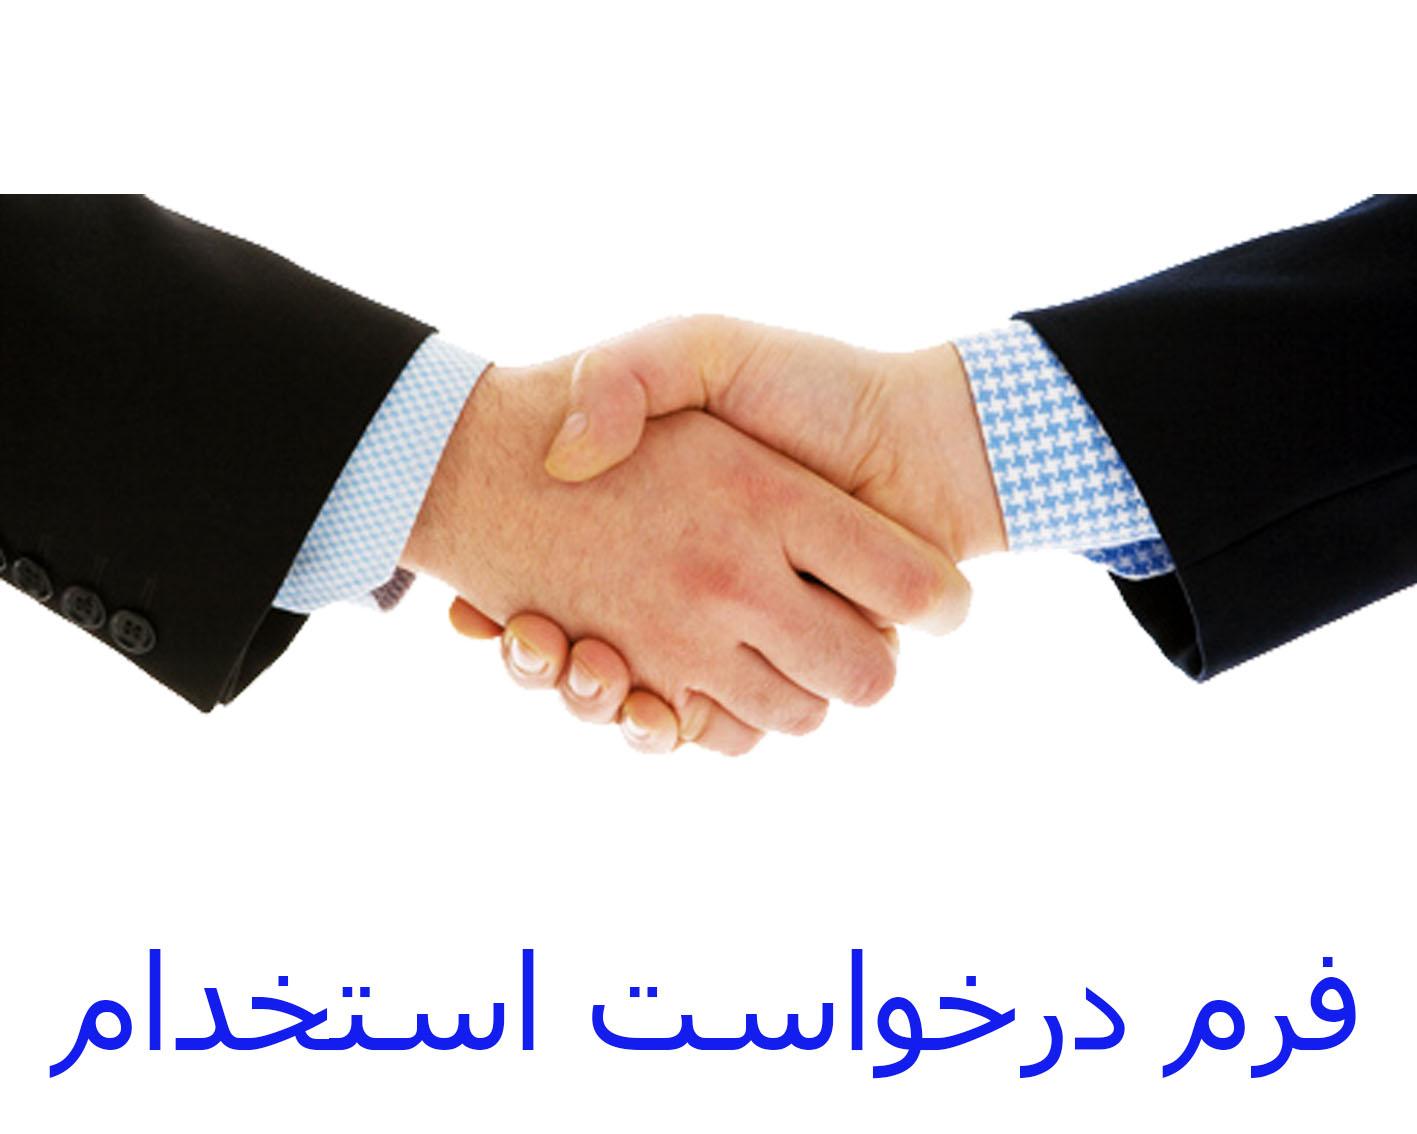 درخواست همکاری ( بازاریابی )